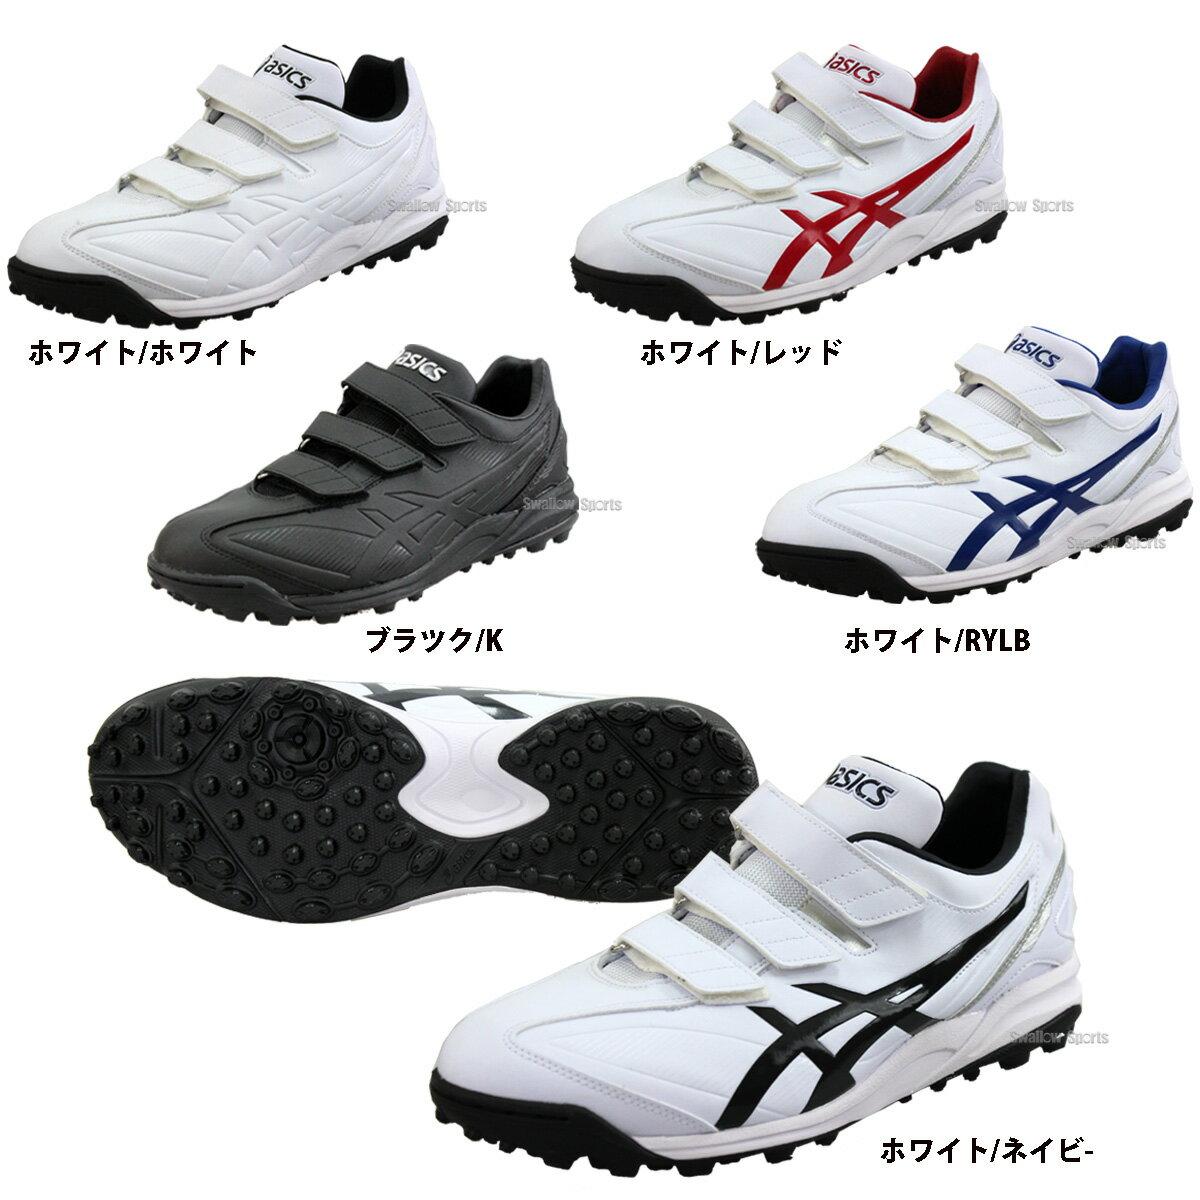 【あす楽対応】 アシックス ベースボール トレーニングシューズ プレスピード TR SFT143 asics 野球 トレーニングシューズ スポーツ 野球 靴 野球用品 スワロースポーツ GSH